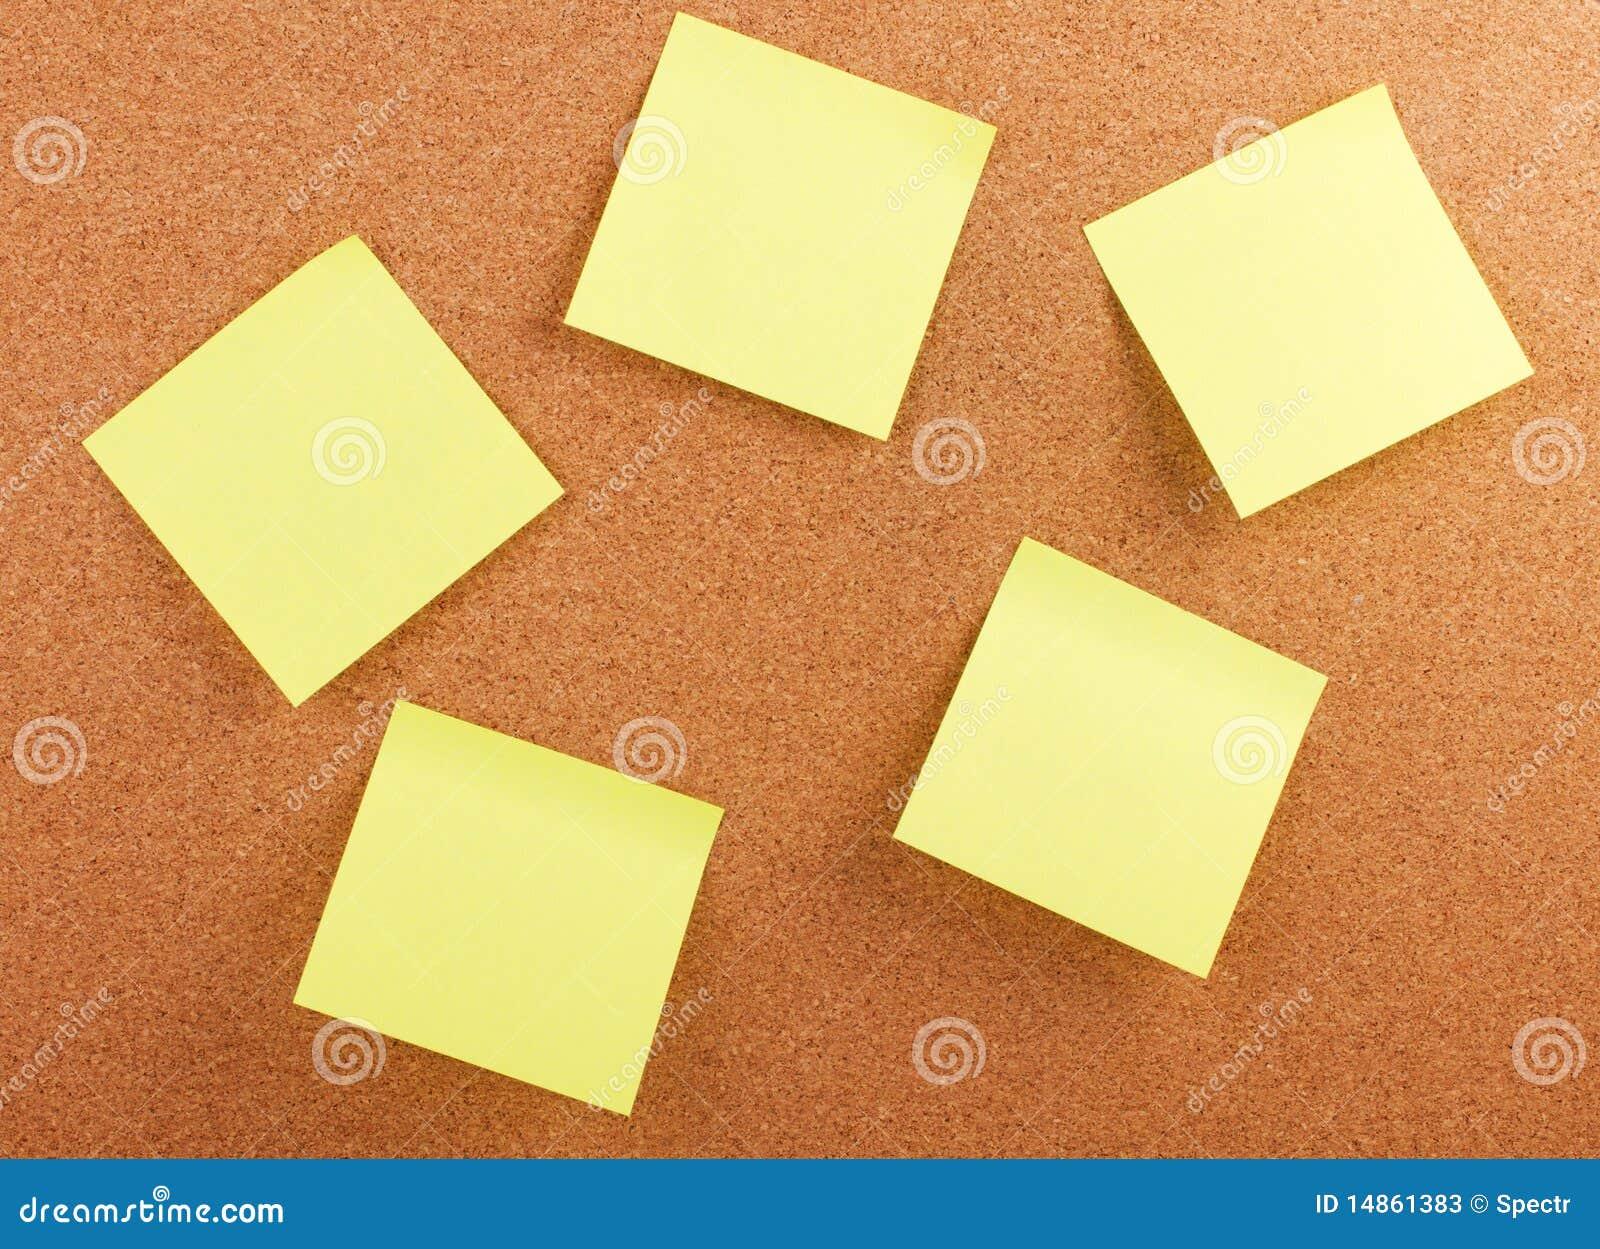 Memo cork board